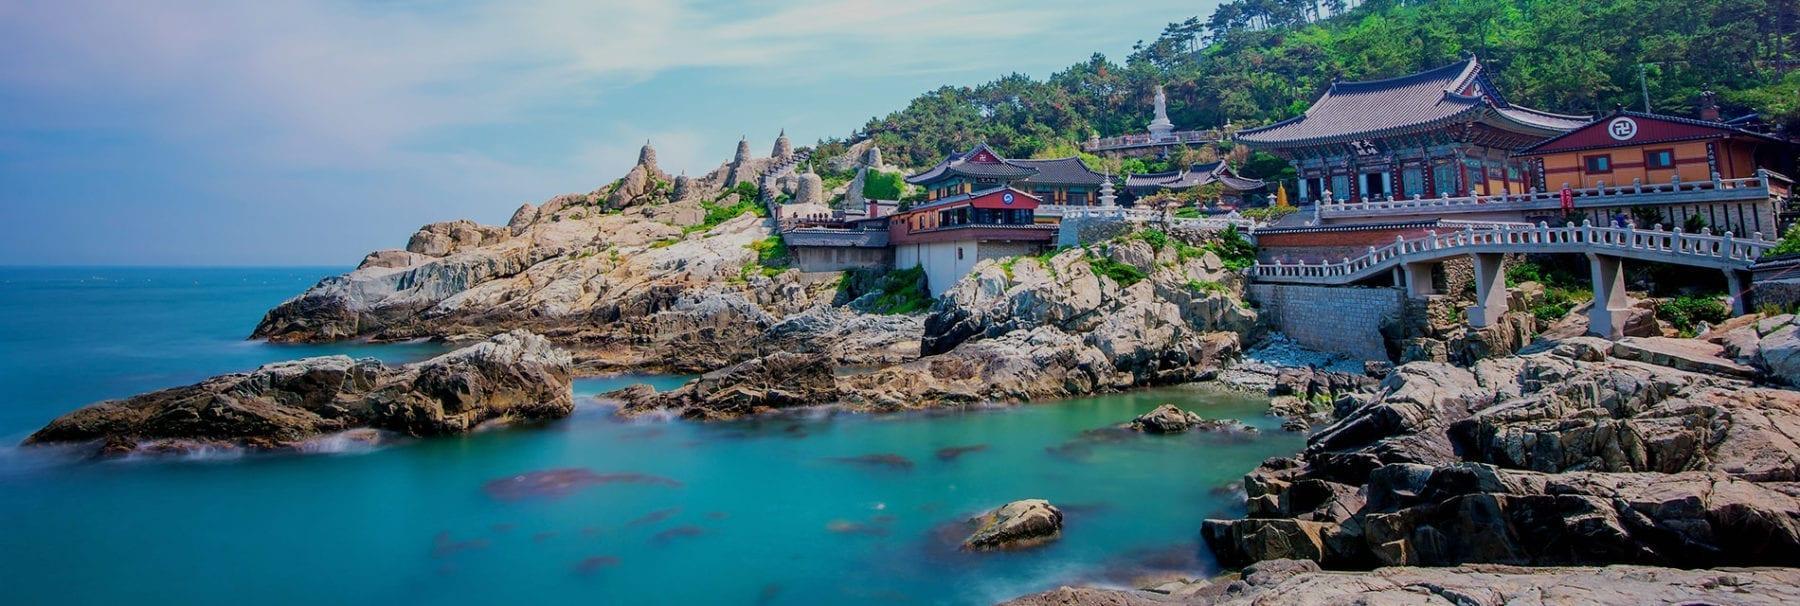 medical-tourism-destination-south-korea